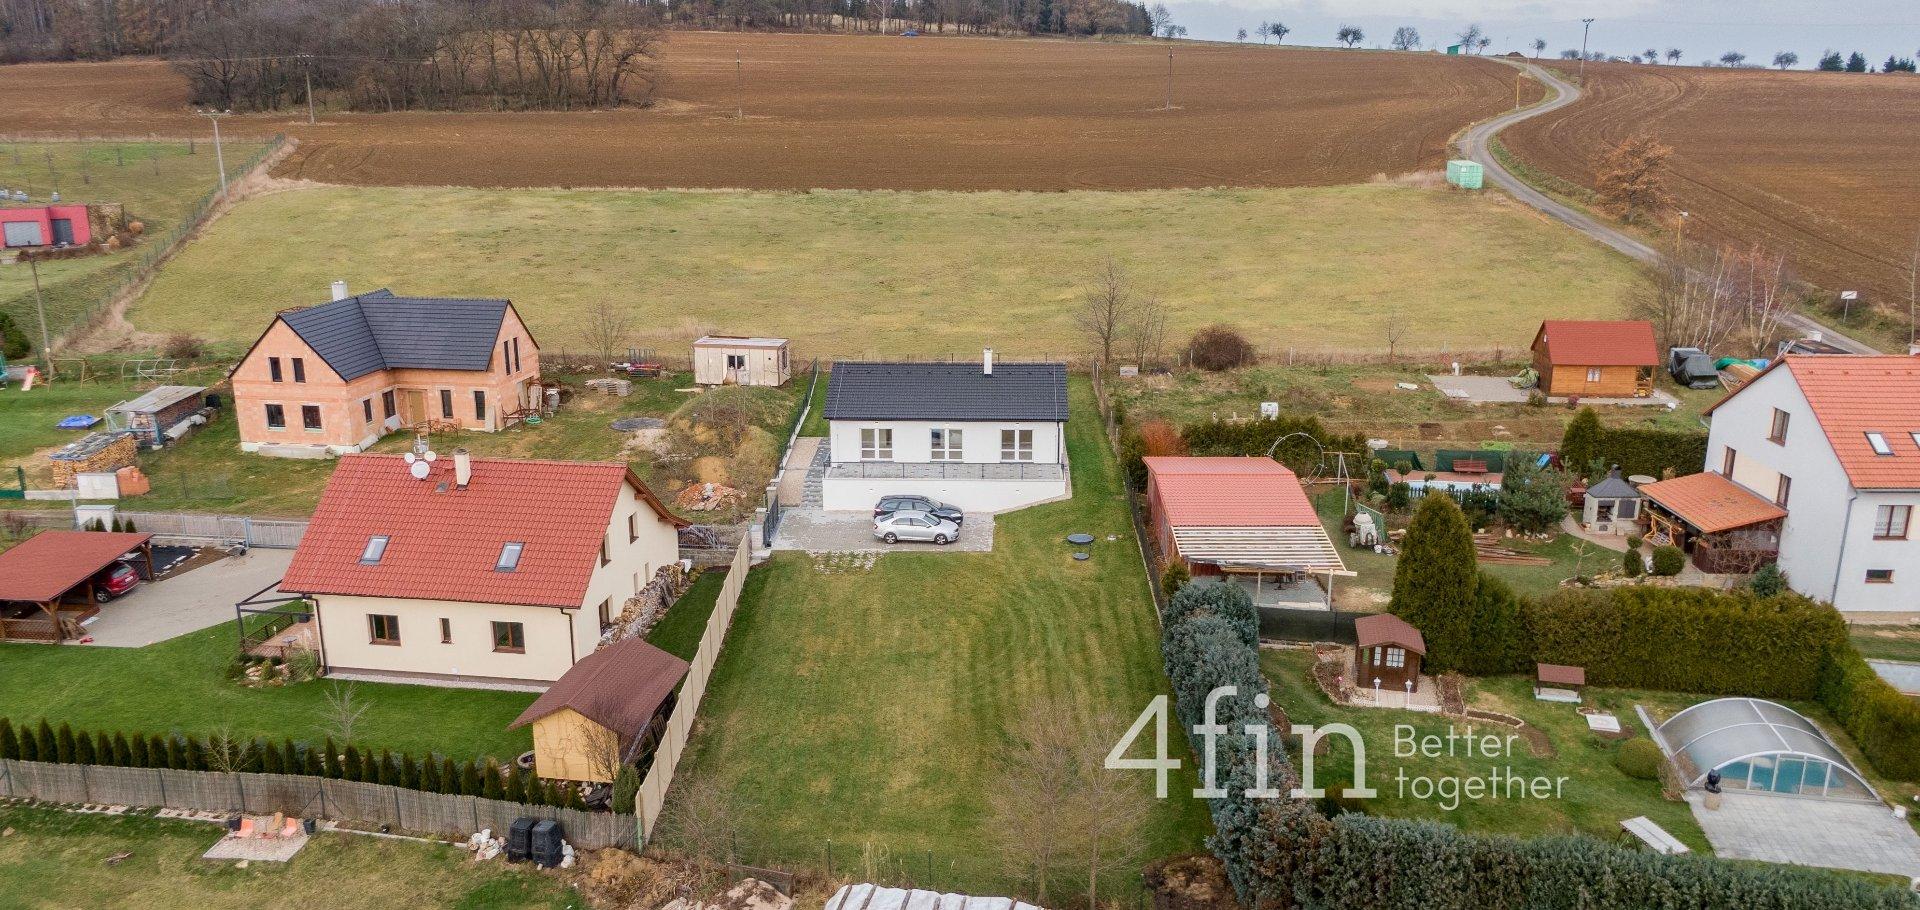 Prodej novostavby bungalovu 4+kk, 99m², terasou 50m² a 2x parkovací stání, pozemek 1016m² - Litichovice